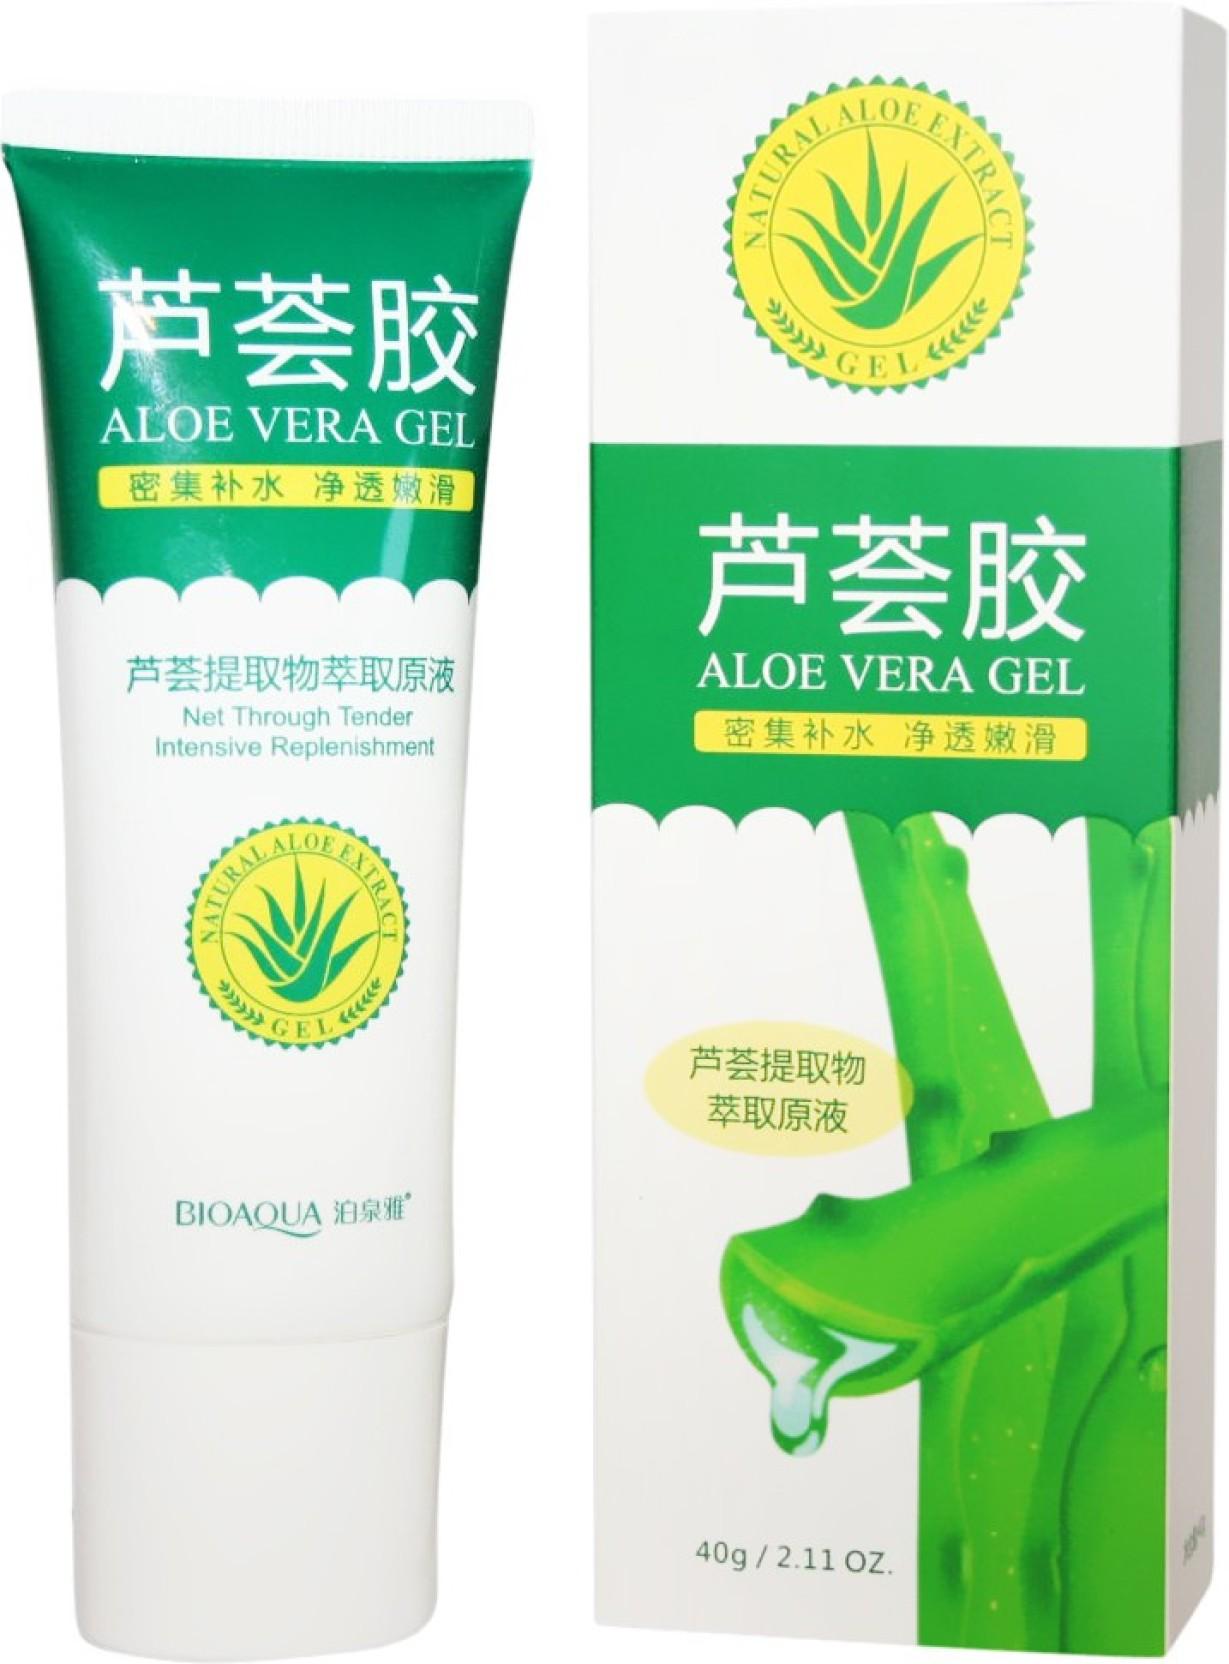 Bioaqua Aloe Vera Lotion Price In India Buy Aloevera Share